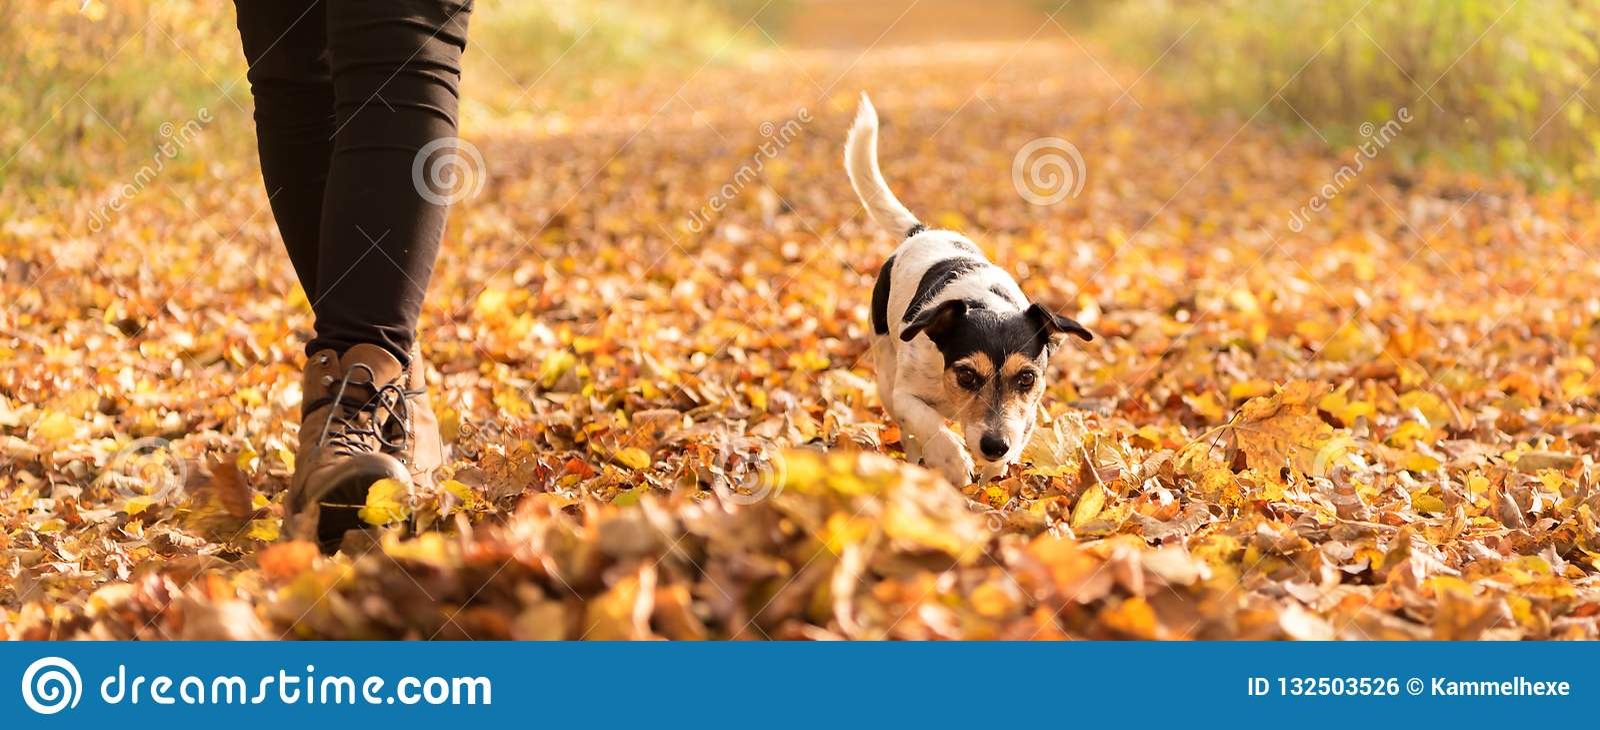 所有者在秋叶的杰克罗素狗